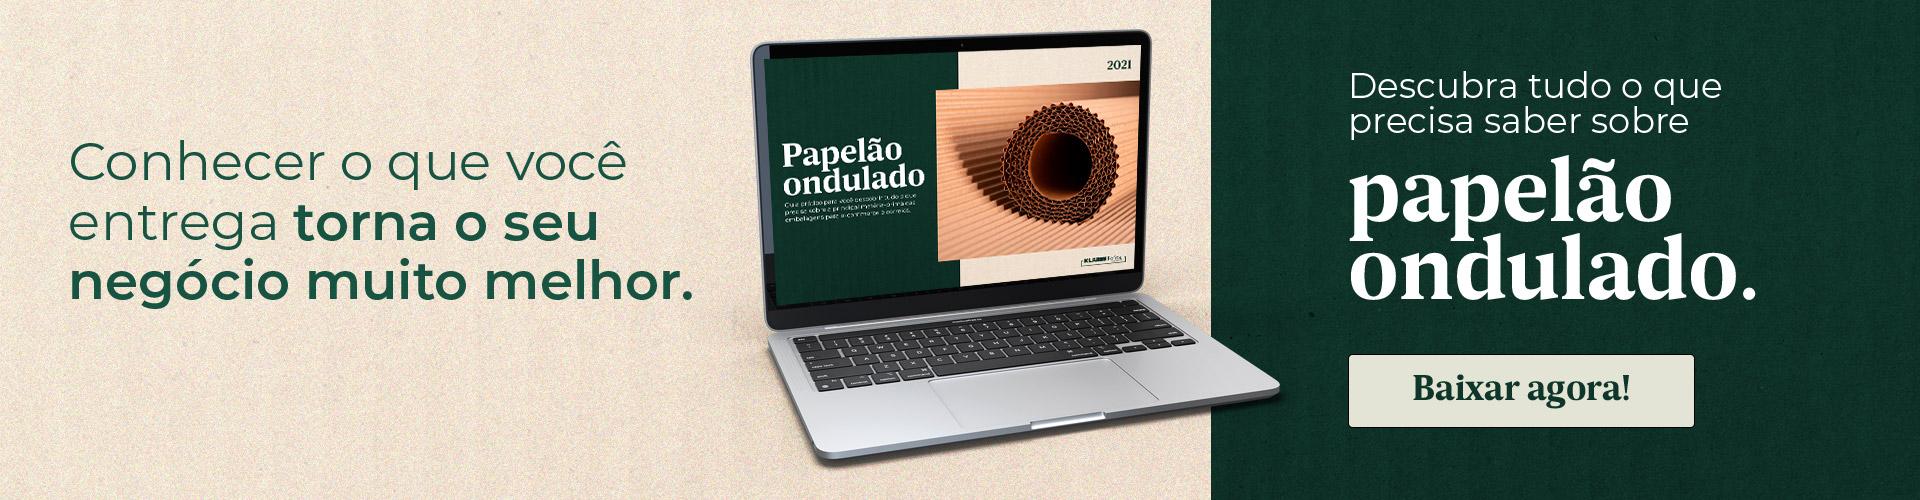 E-book papelão ondulado